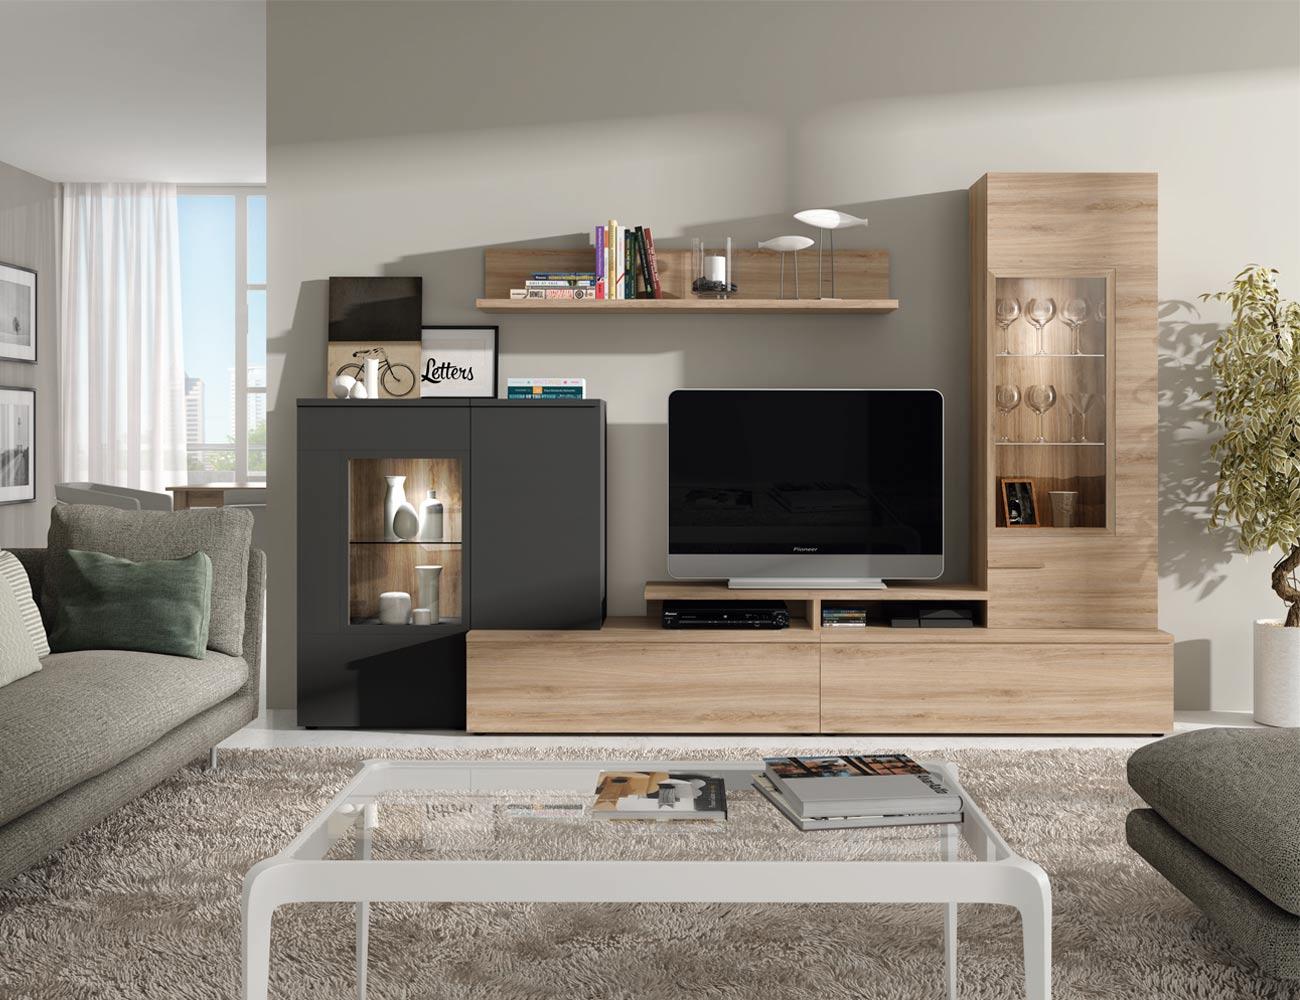 606 mueble salon comedor roble natural antracita foco leds